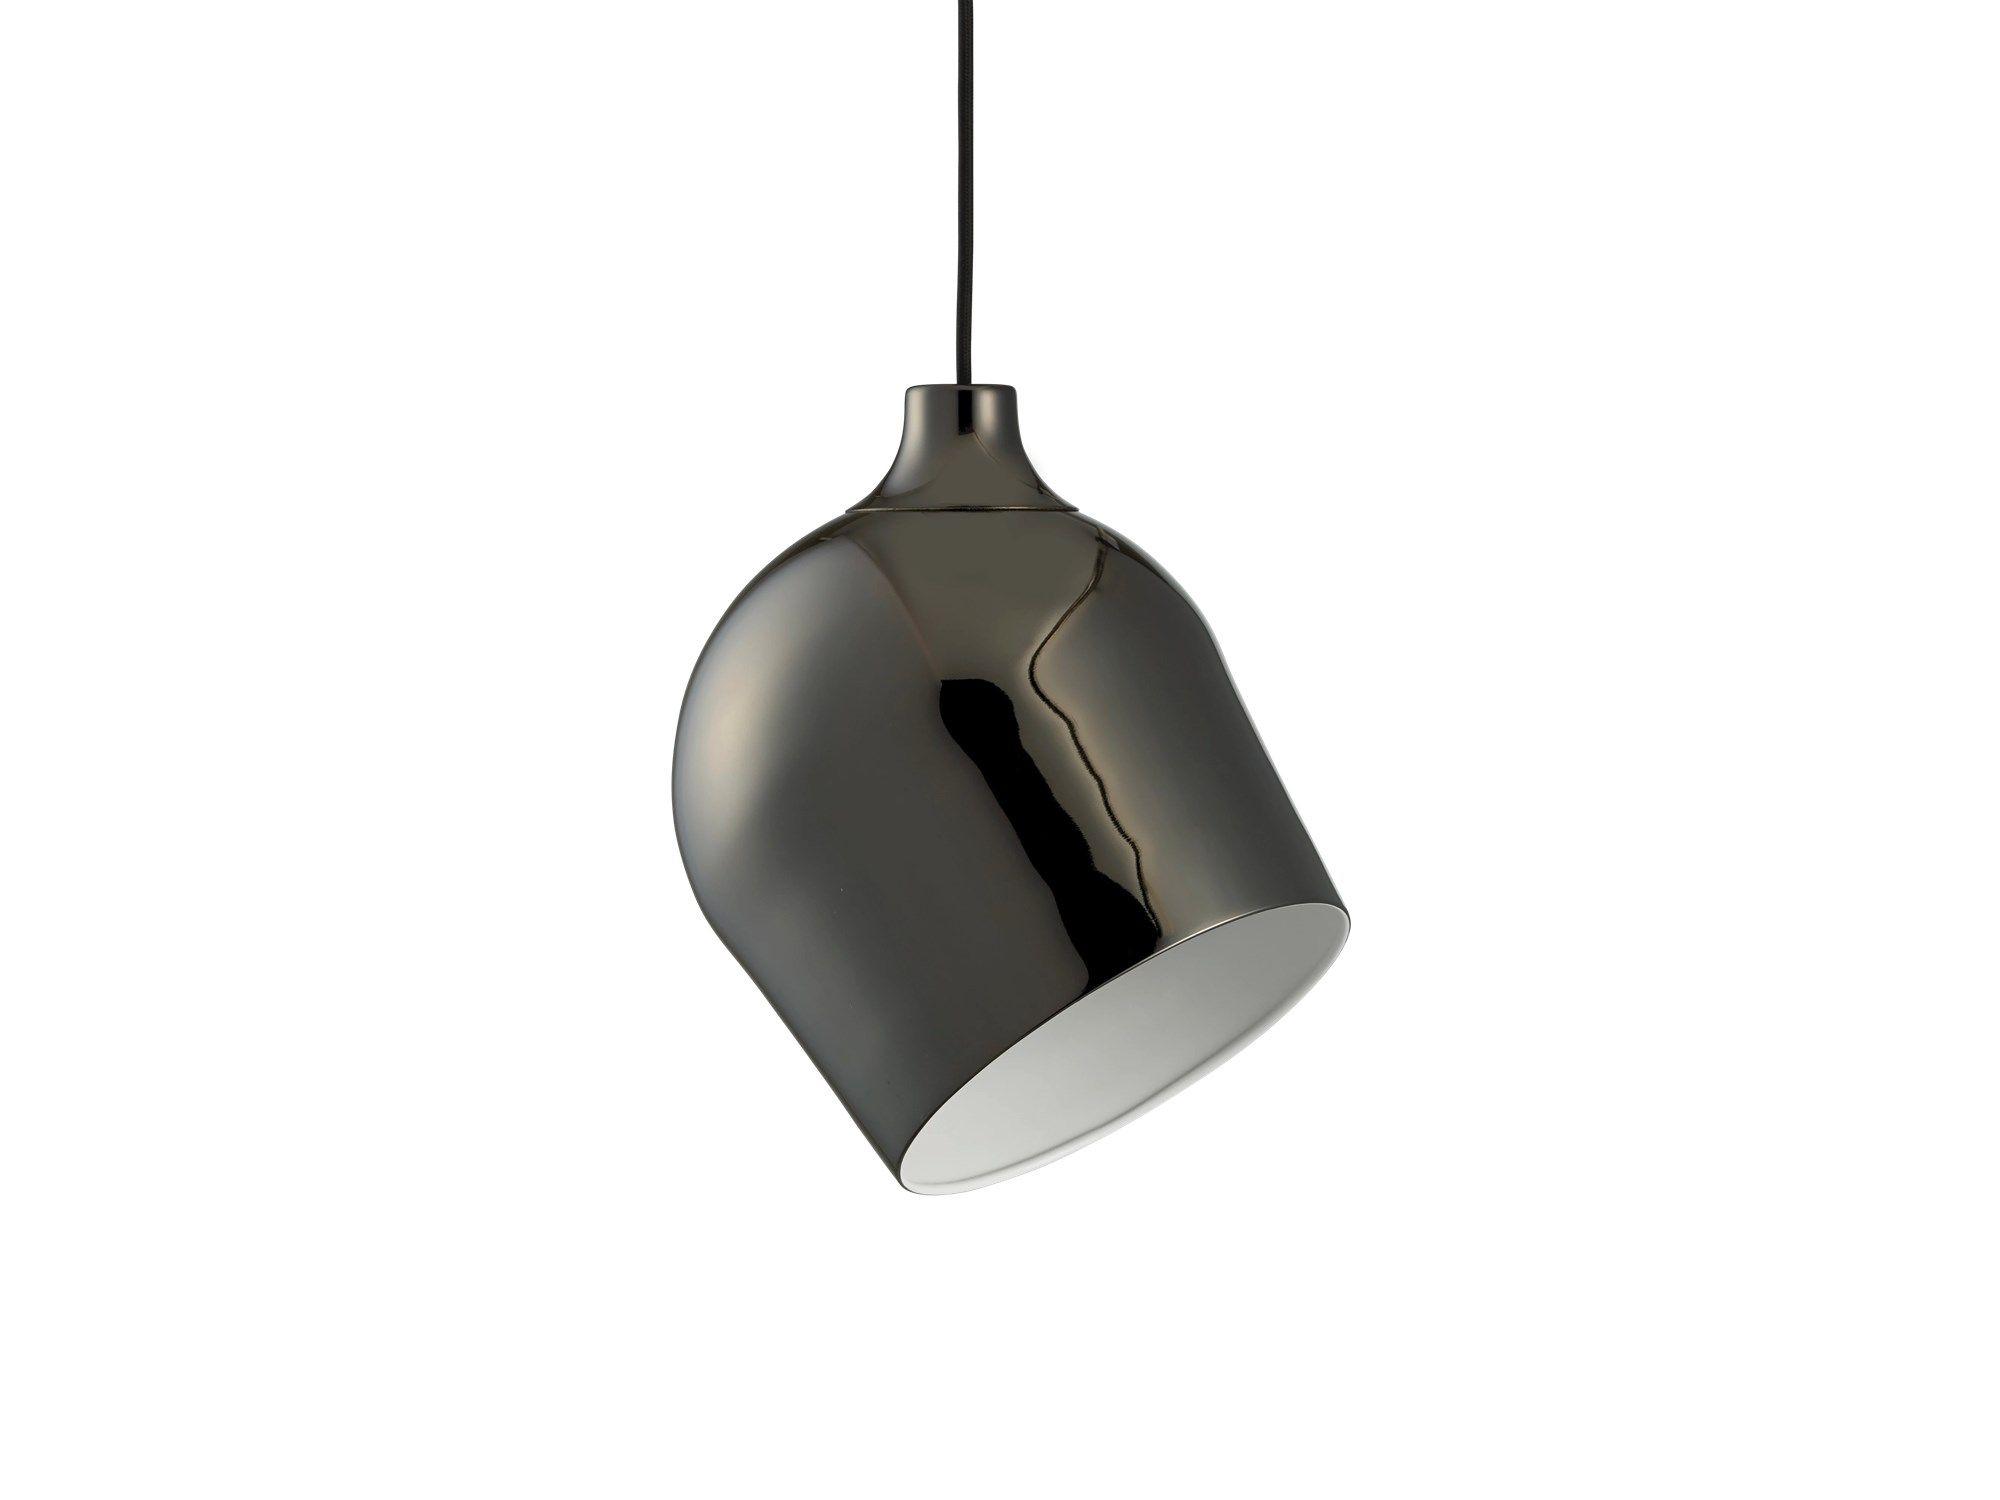 898ebb14635a1e276db8a11c39a91394 Schöne Was ist Eine Lampe Dekorationen